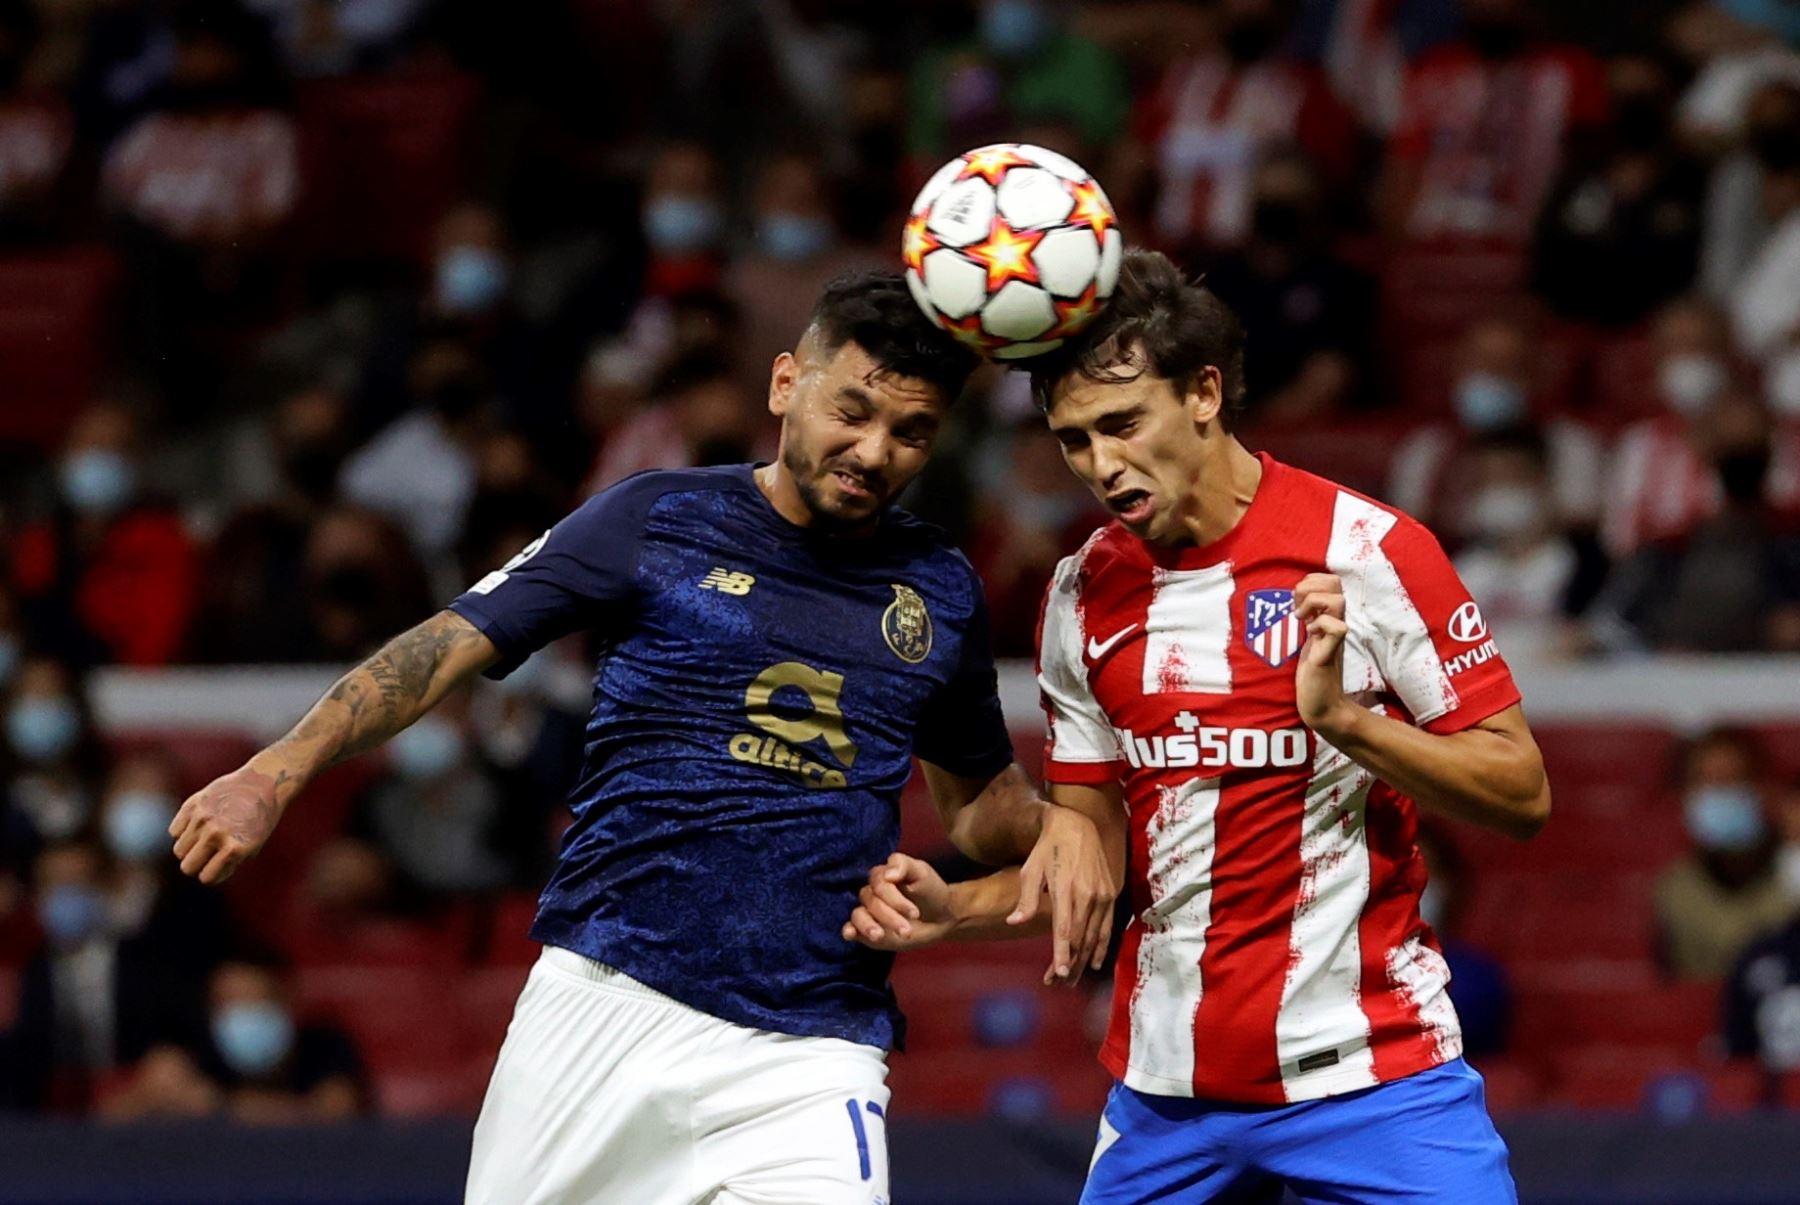 El delantero del Atlético de Madrid Joao Félix cabecea un balón junto a Jesús Corona, del Oporto. EFE/Juanjo Martín